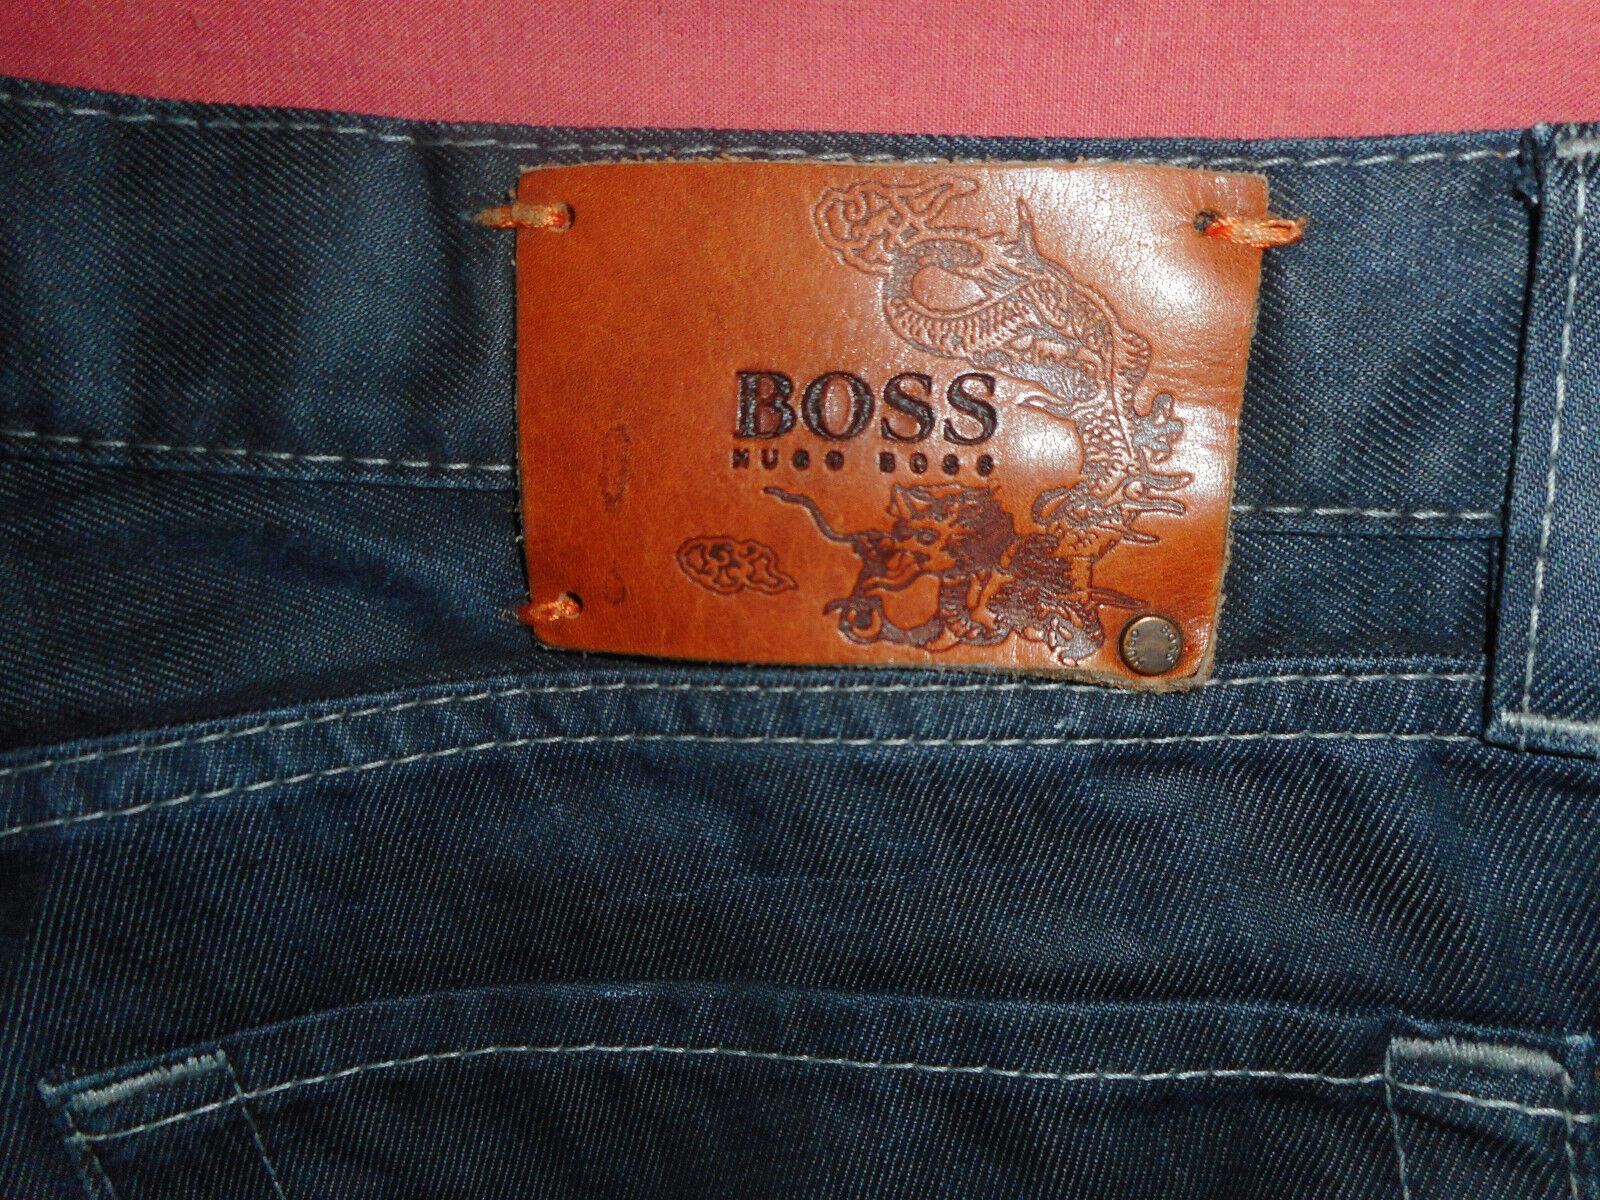 Hugo Boss Boss Boss  W36 L32  Mens Navy Denim Jeans  Button Fly  B438  | Wirtschaftlich und praktisch  | New Products  | Export  0c8d61